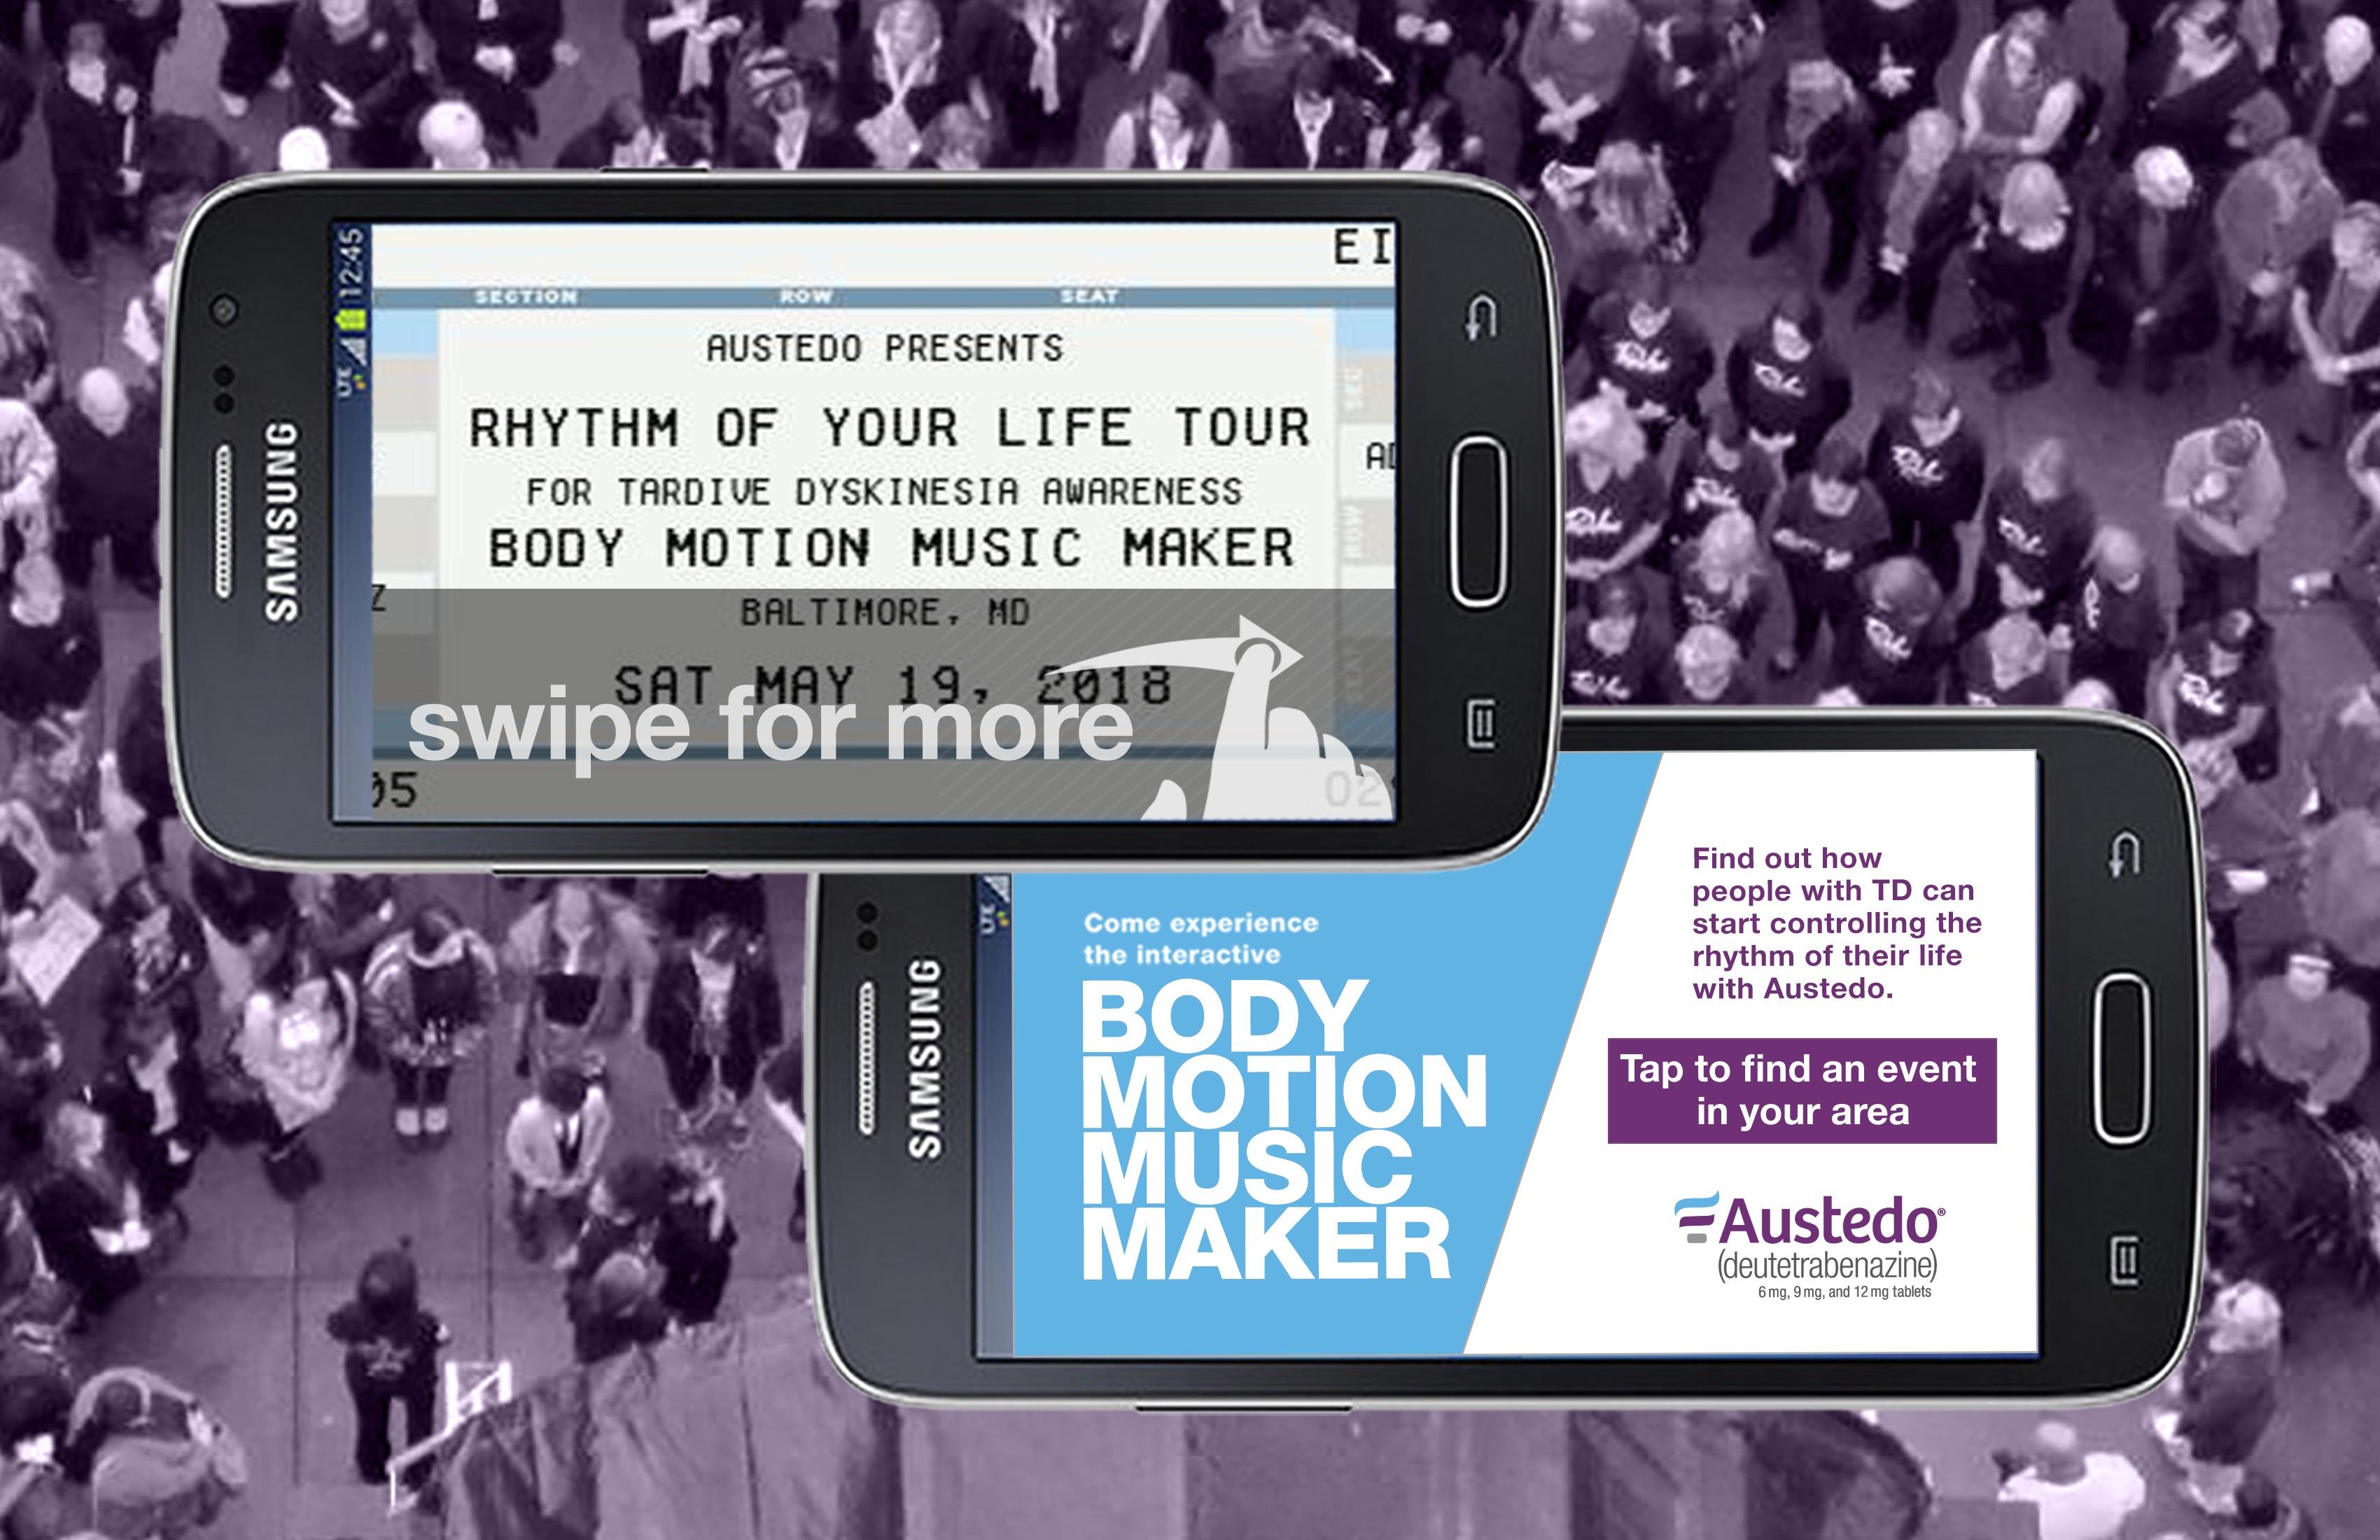 Body_Motion_Music_10.30.17_v7bs_1-30048